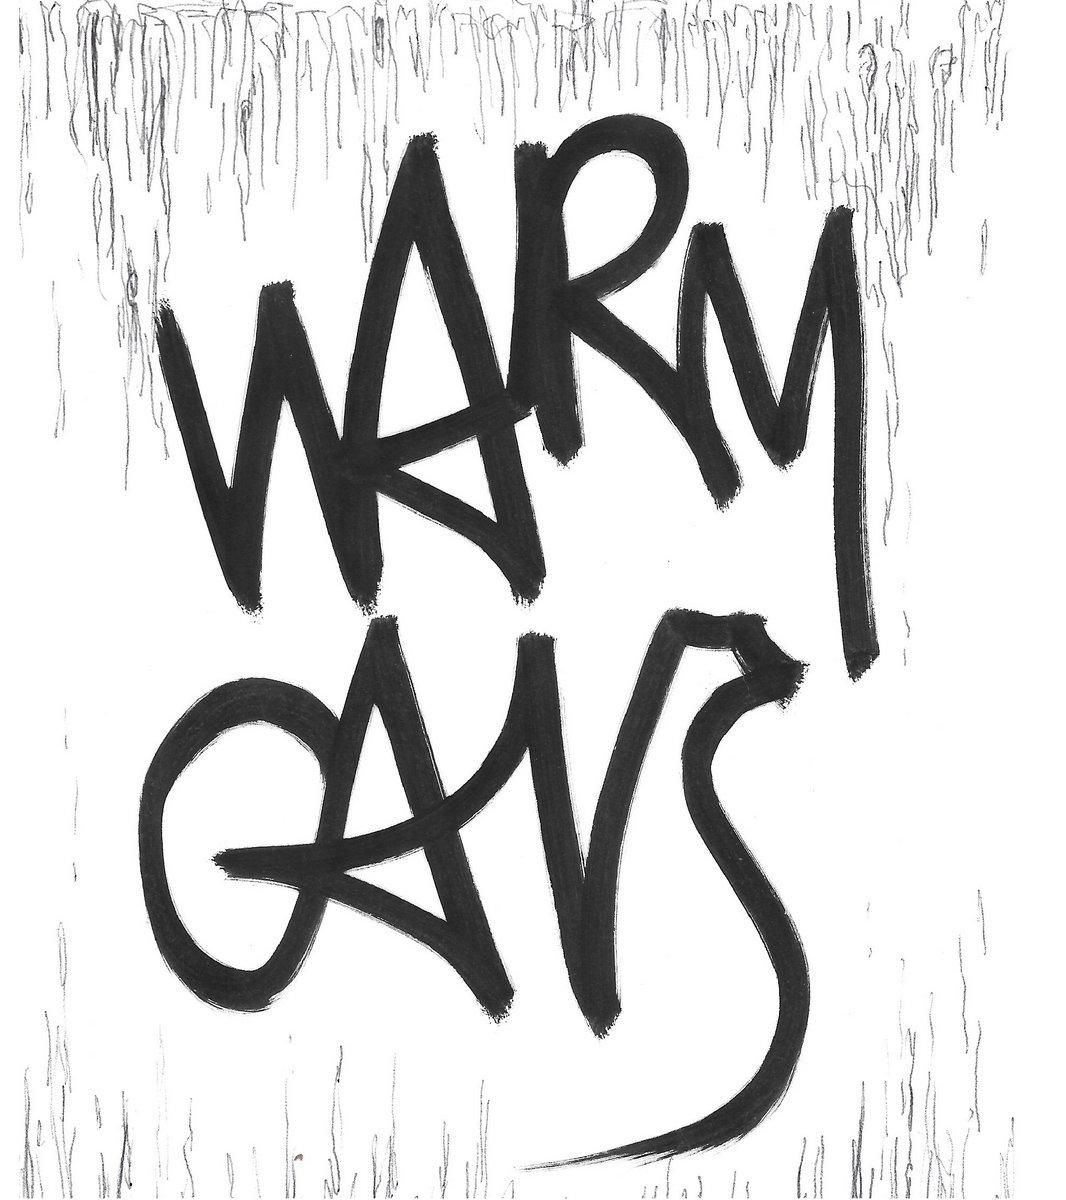 Warmcans